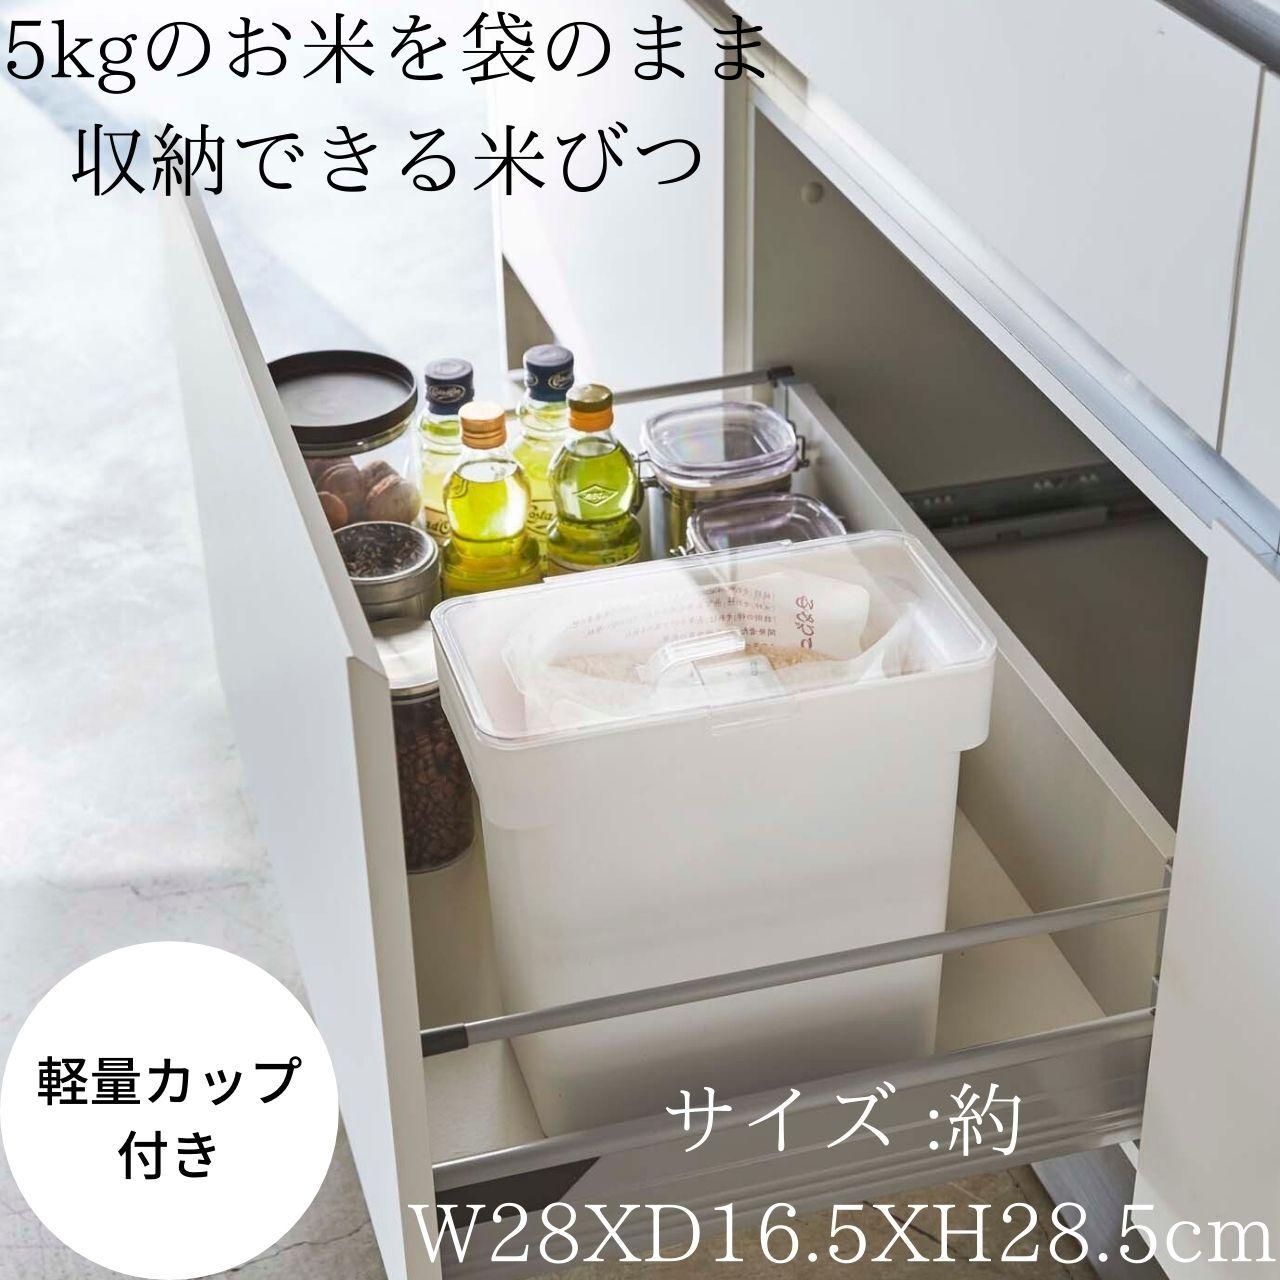 キッチンをスタイリッシュに!!密閉 袋ごと米びつ 5kg(軽量カップ付き)